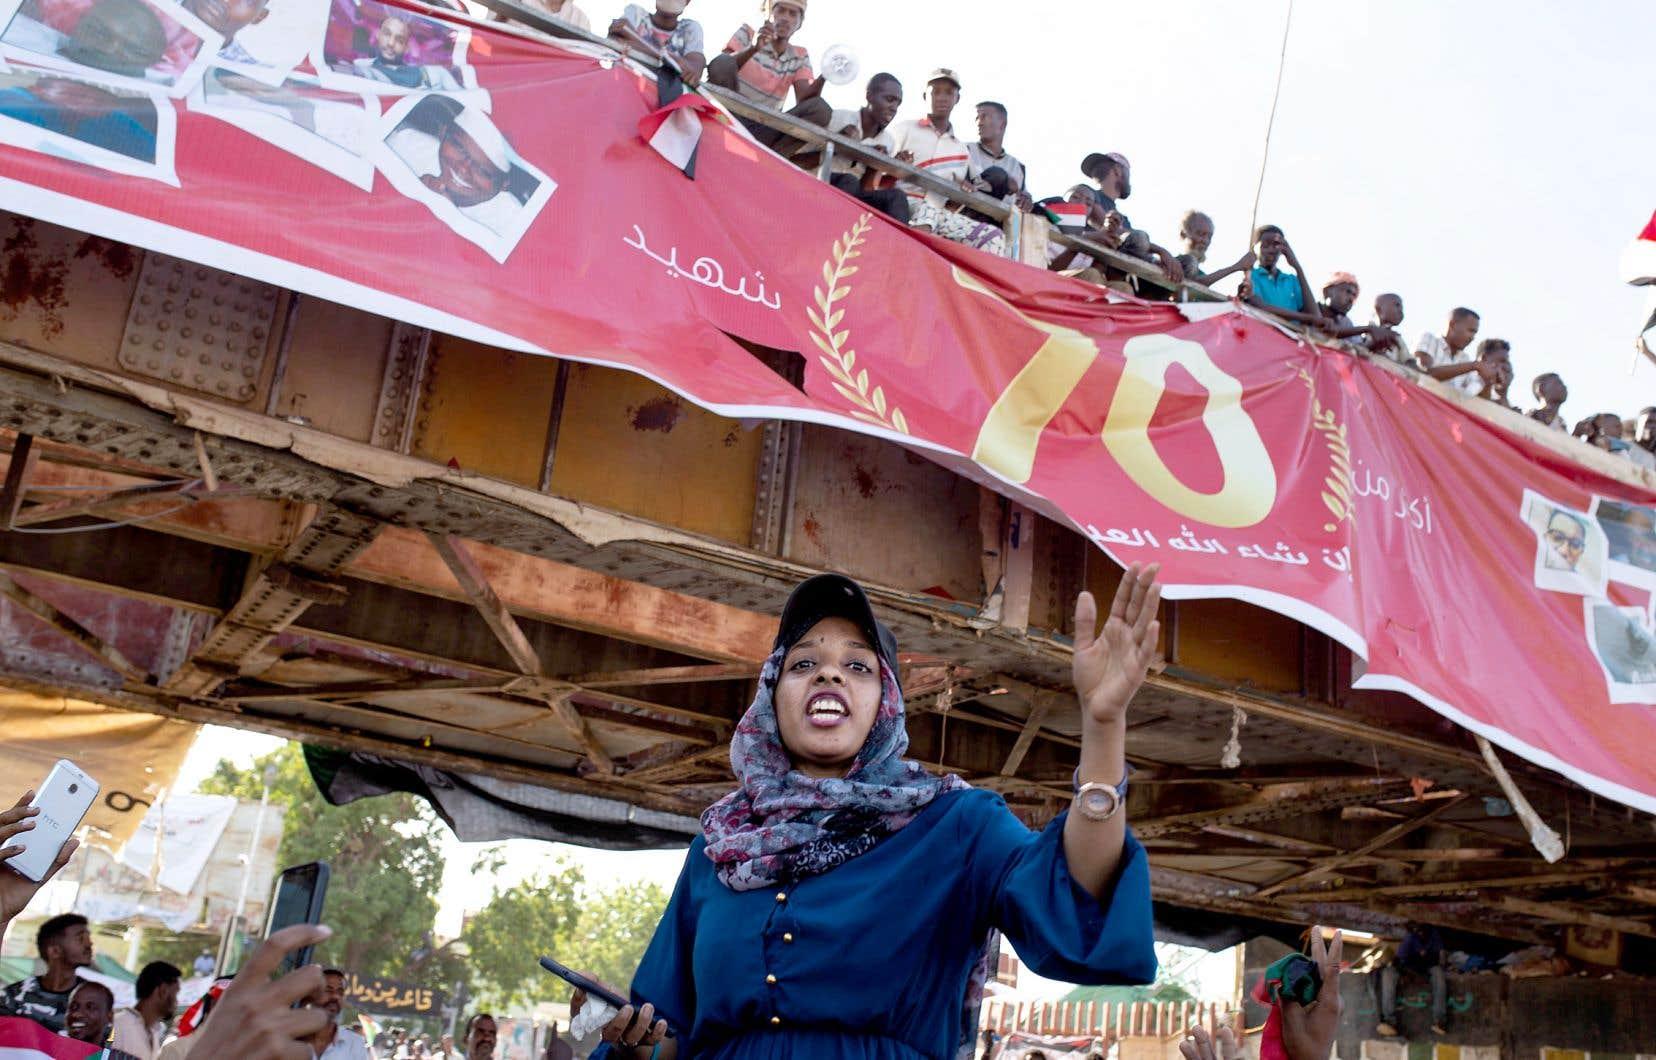 Les relations entre les chefs militaires et les contestataires rassemblés devant le quartier général de l'armée se sont tendues, lundi à Khartoum, quand des soldats auraient tenté de disperser les manifestants.